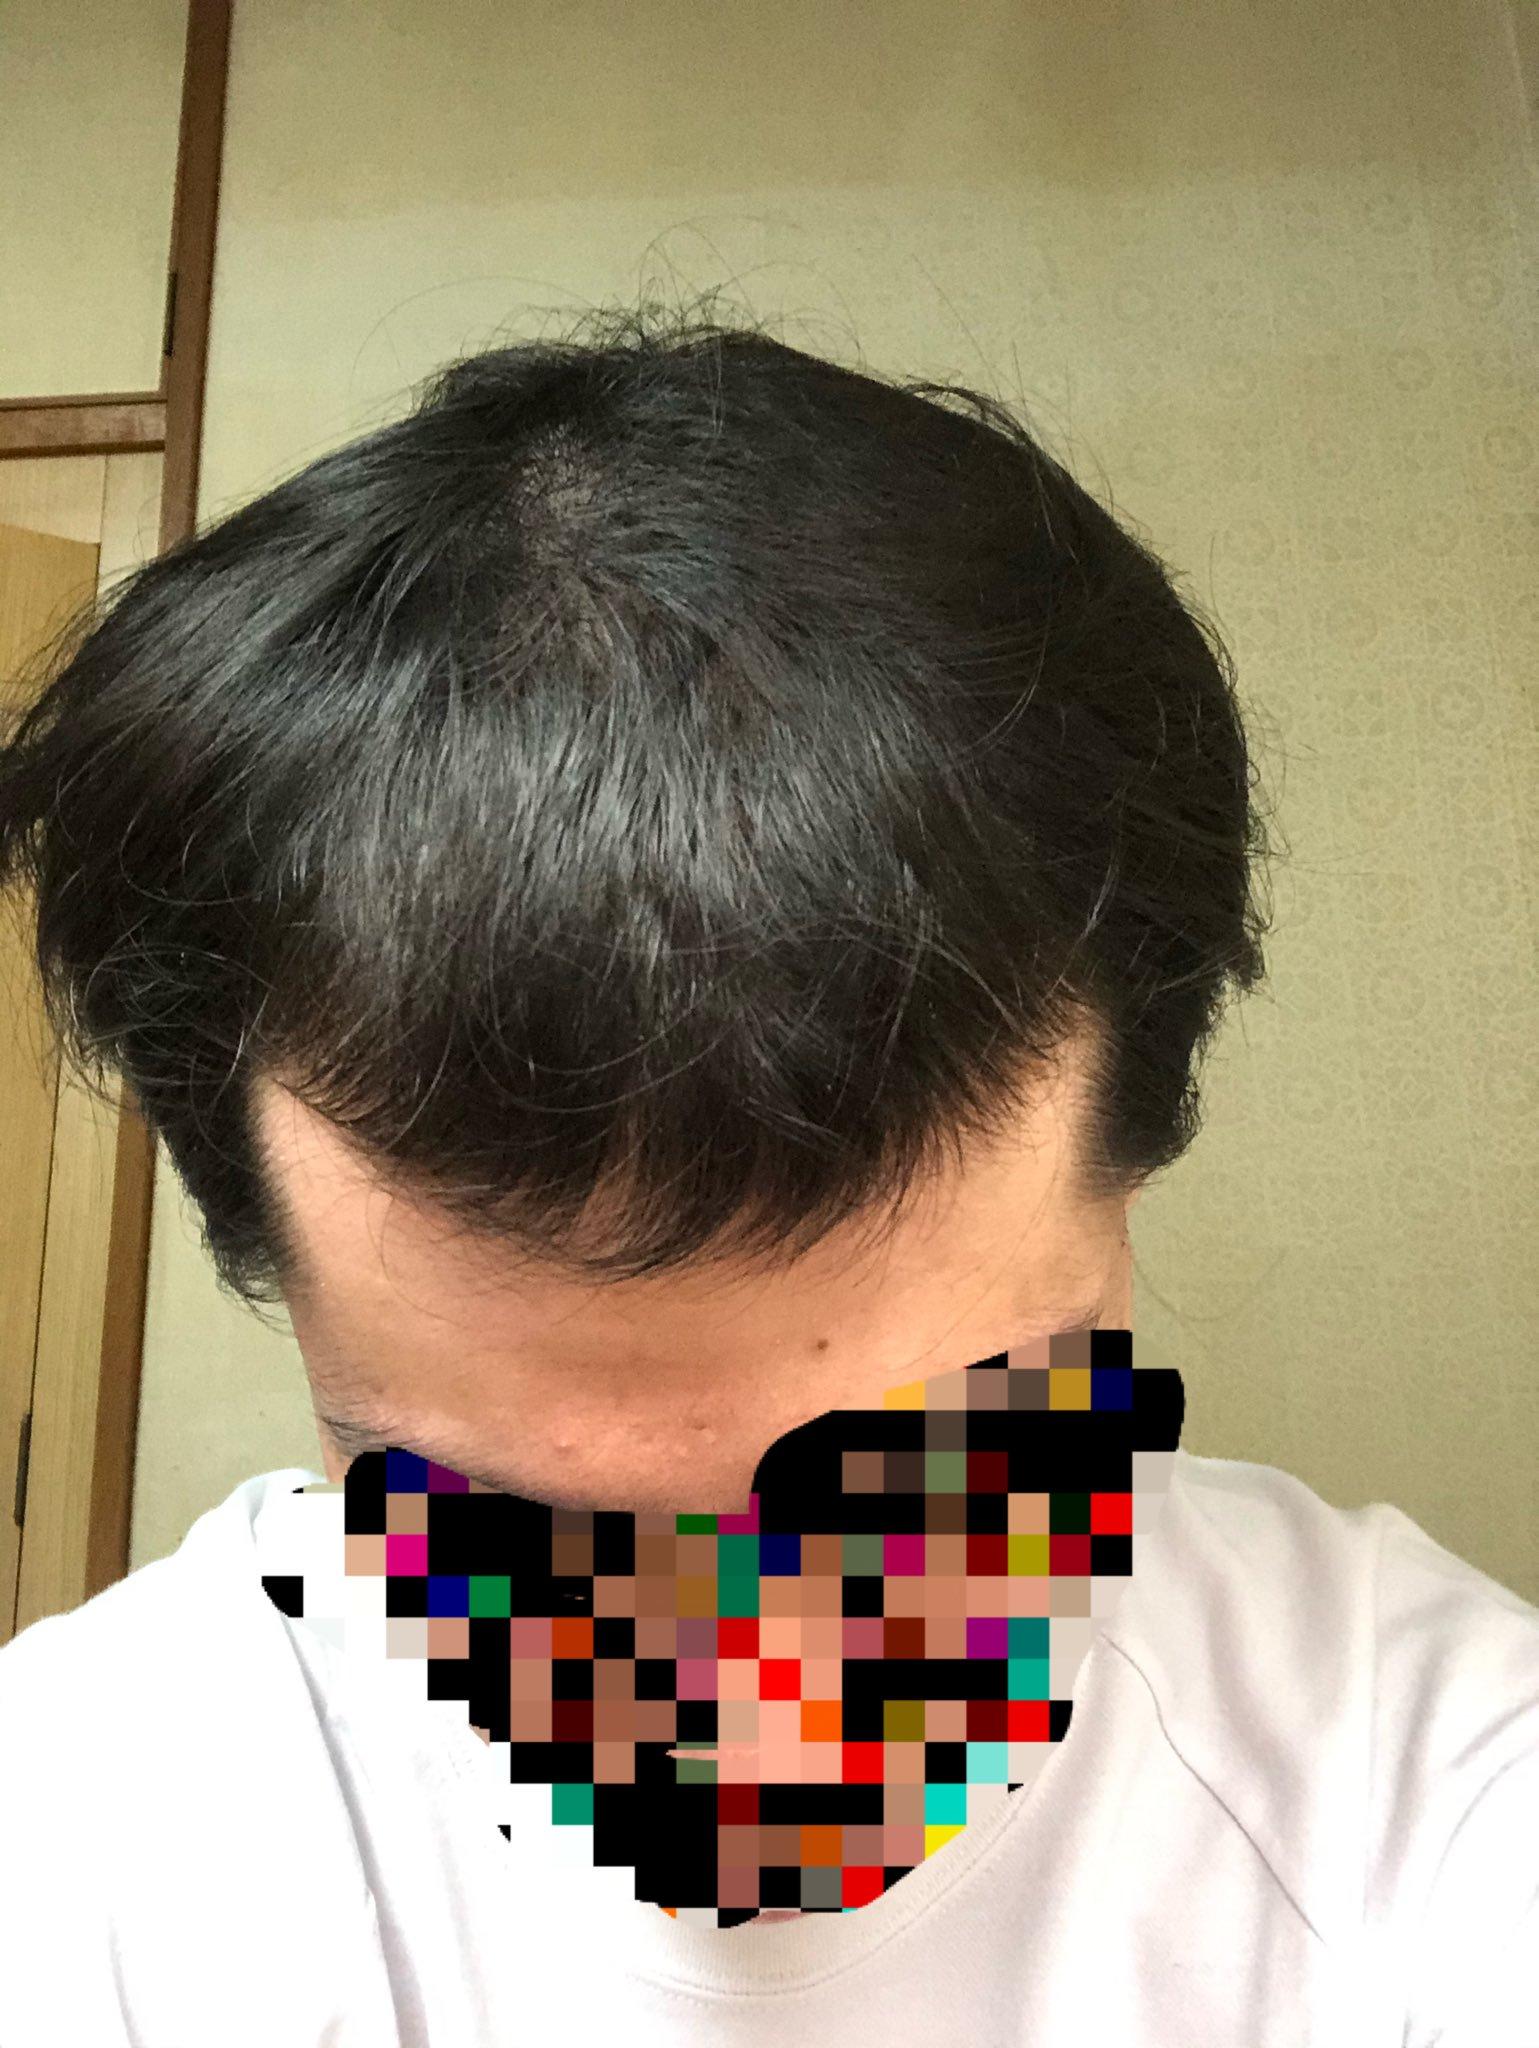 21歳男性の髪の毛